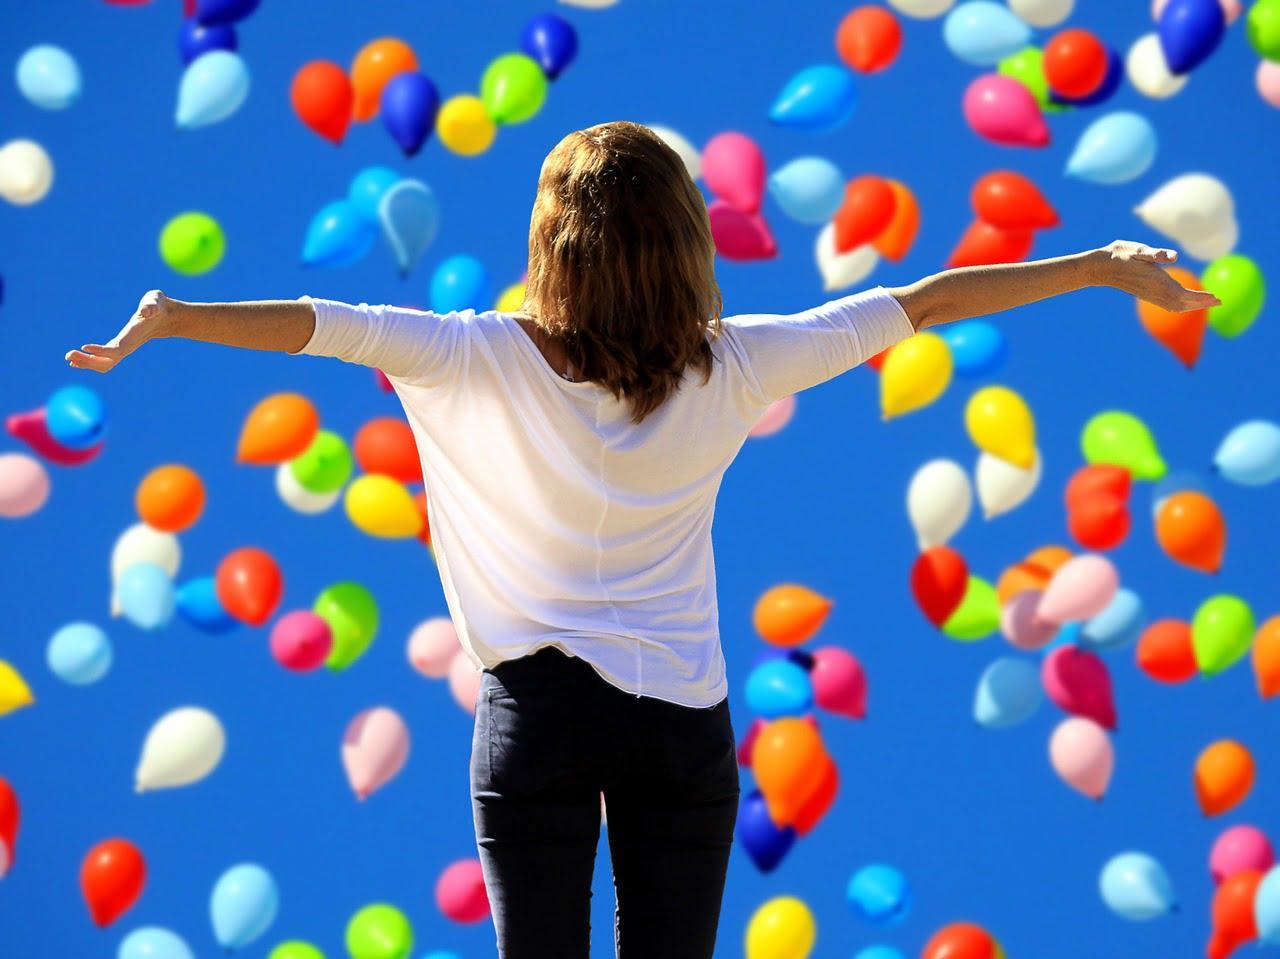 Dziewczyna z otwartymi ramionami stoi tyłem, wokół na tle nieba kolorowe balony